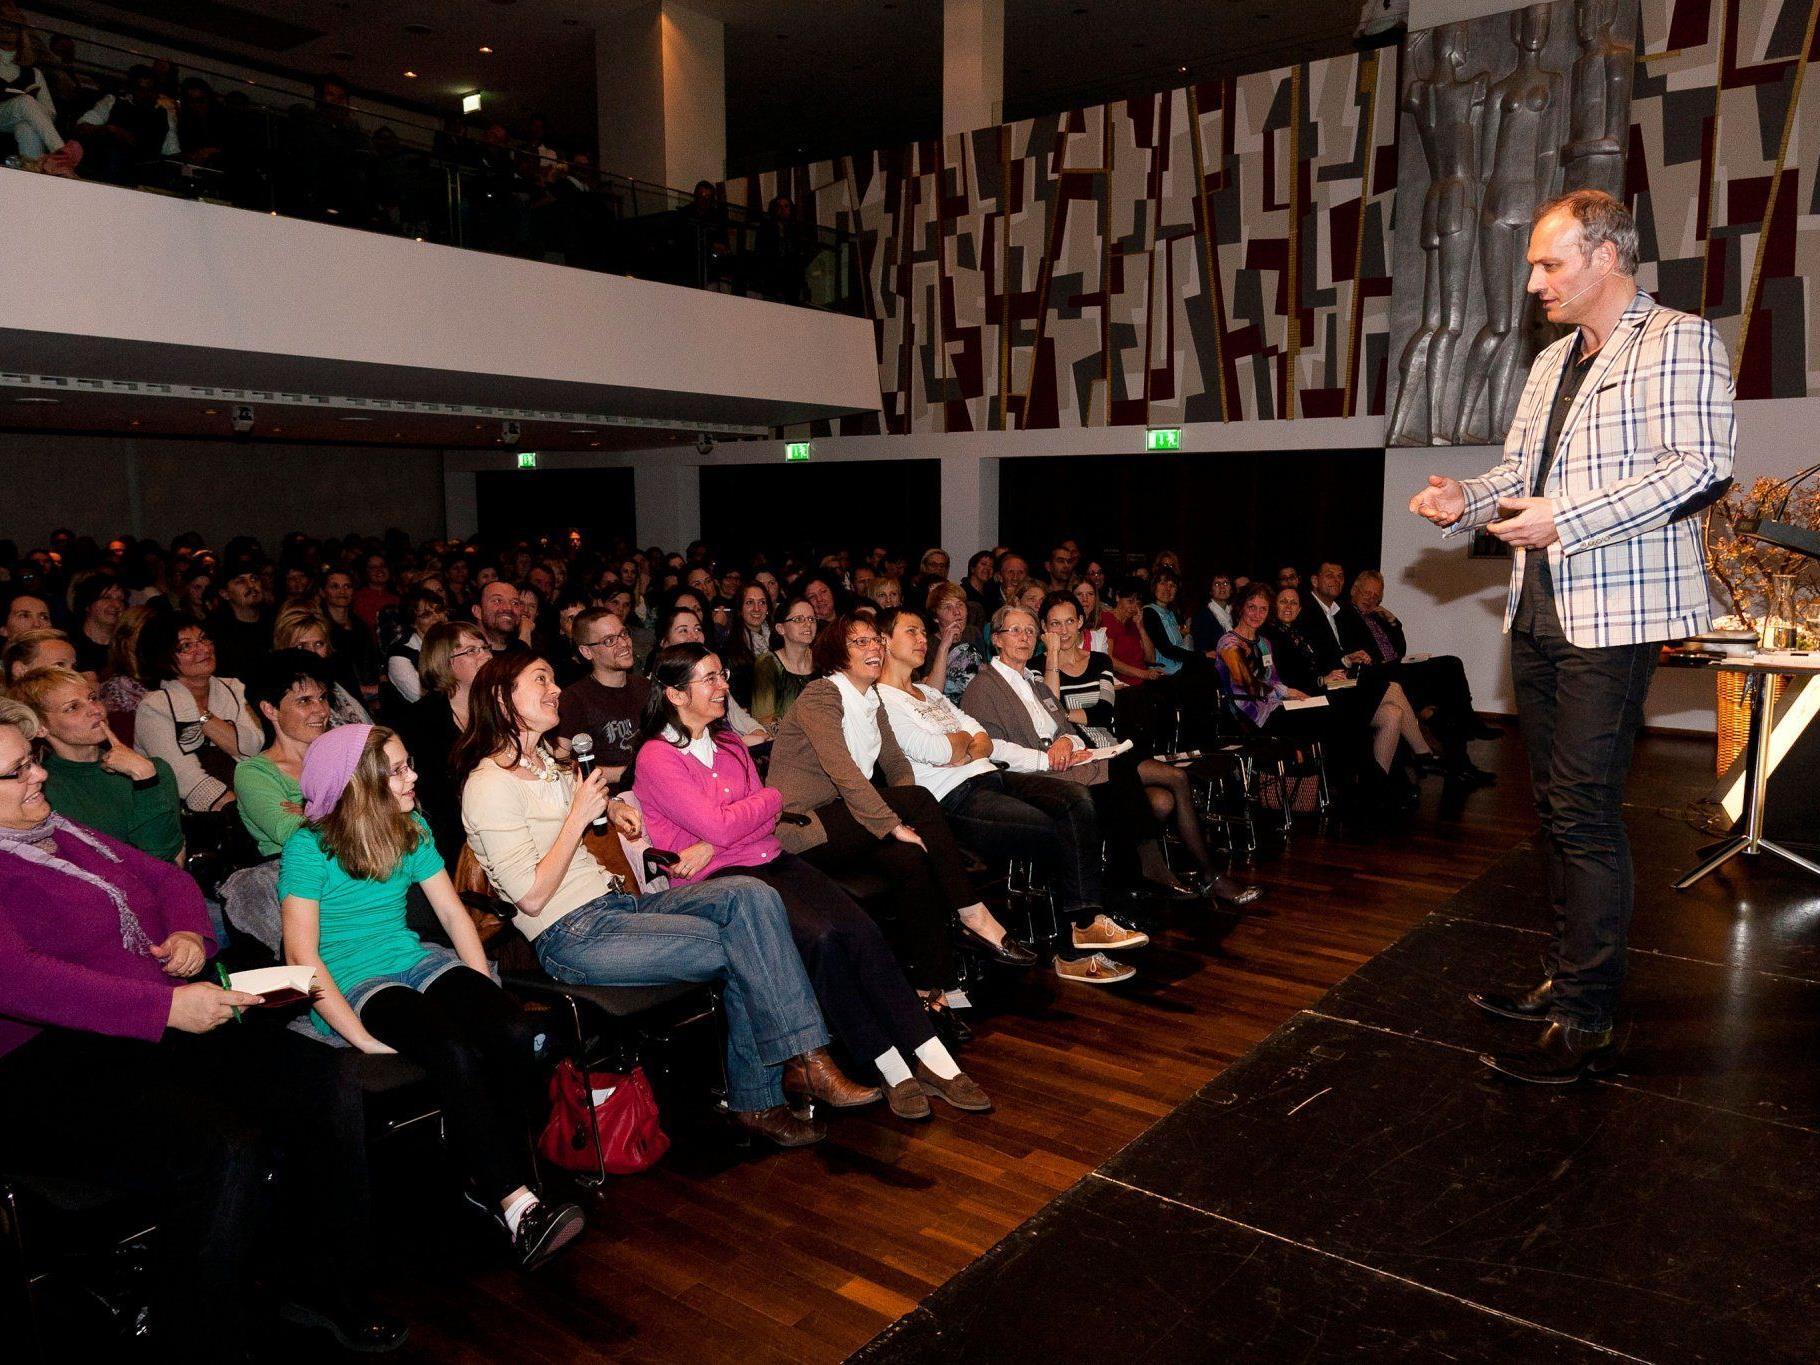 Matthias Pöhm begeisterte über 300 Besucher bei seinem Vortrag im Vinomnasaal.